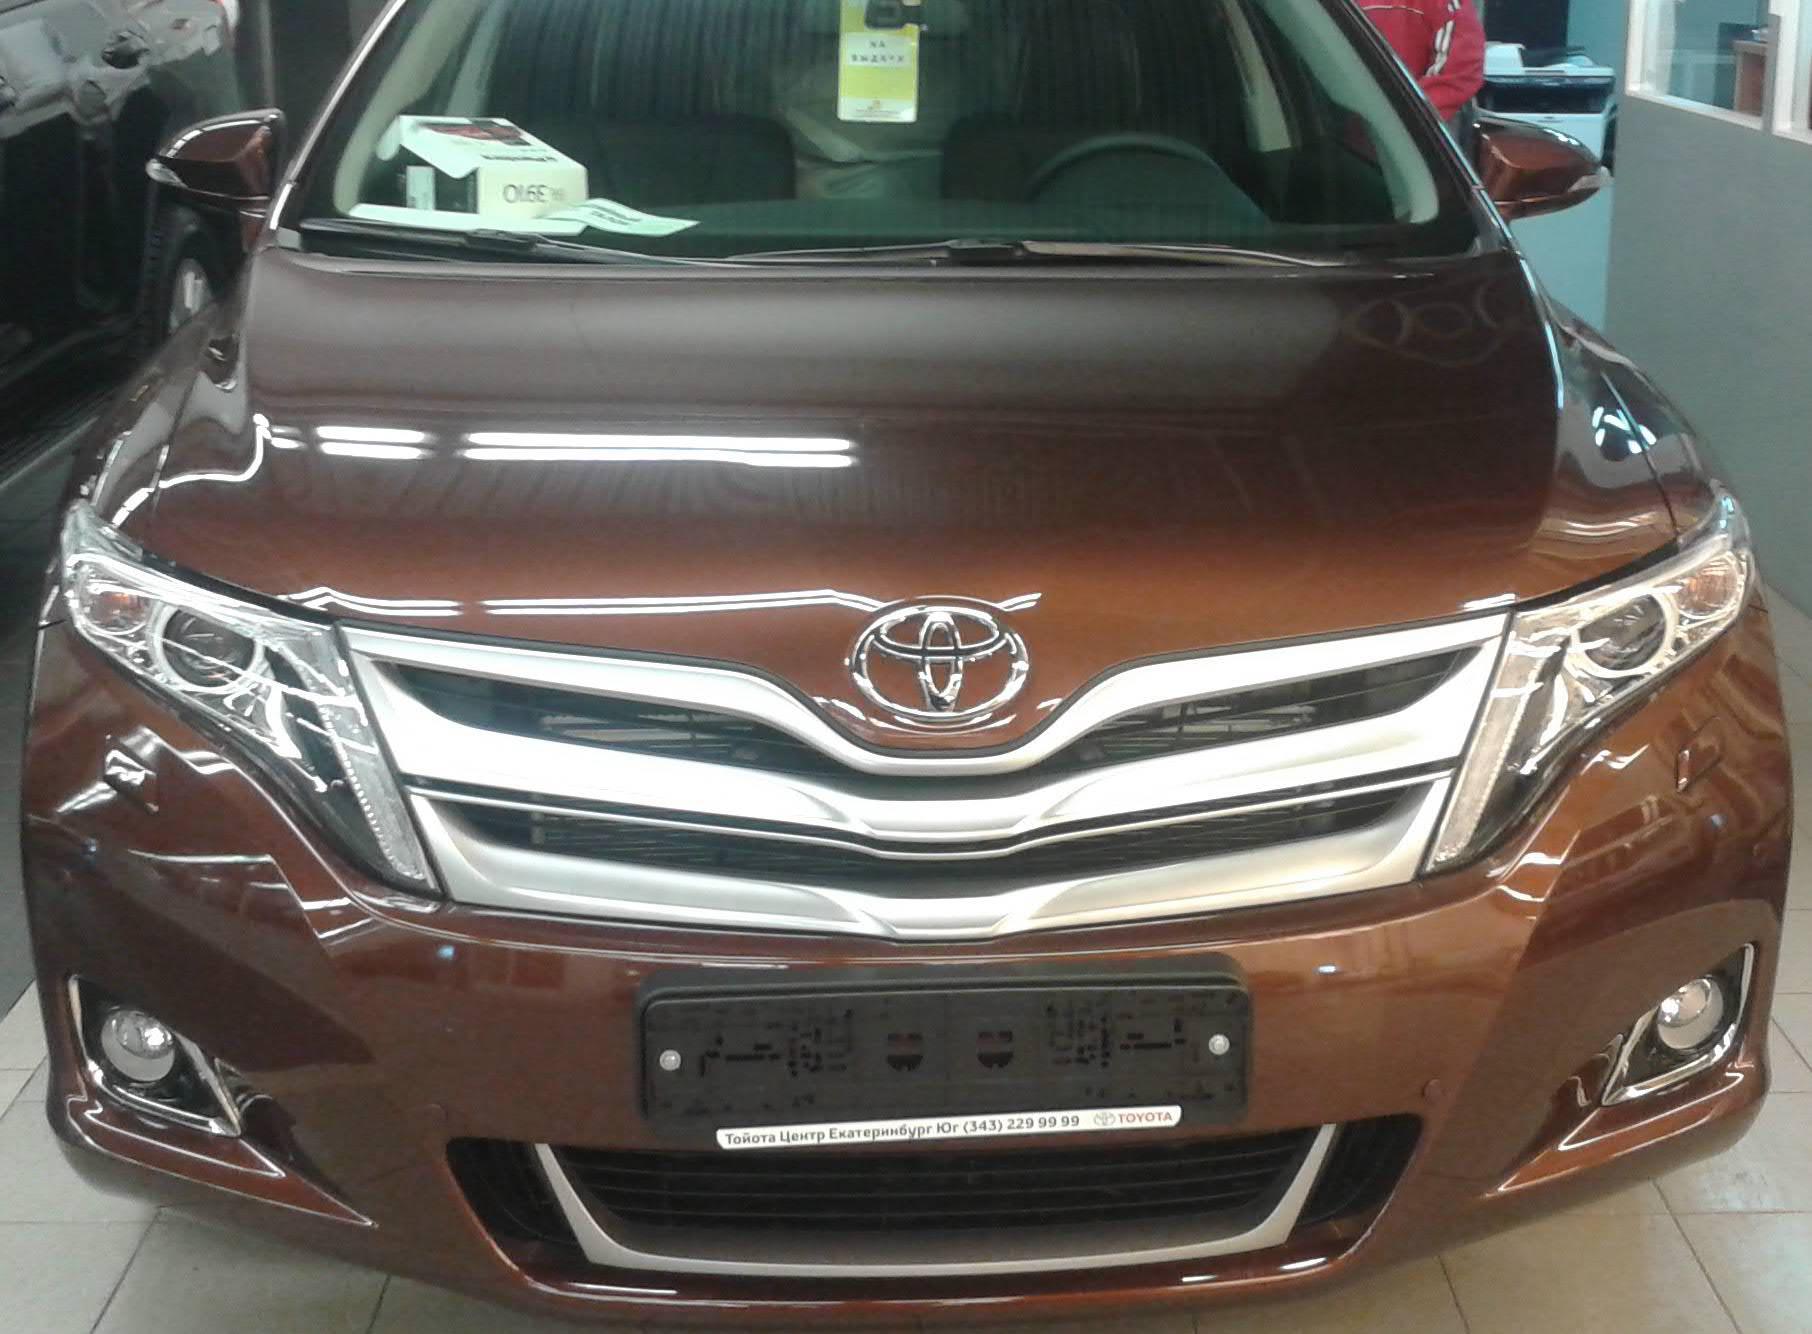 Недорогой ремонт Toyota в САО - цены на ремонт Тойота ...